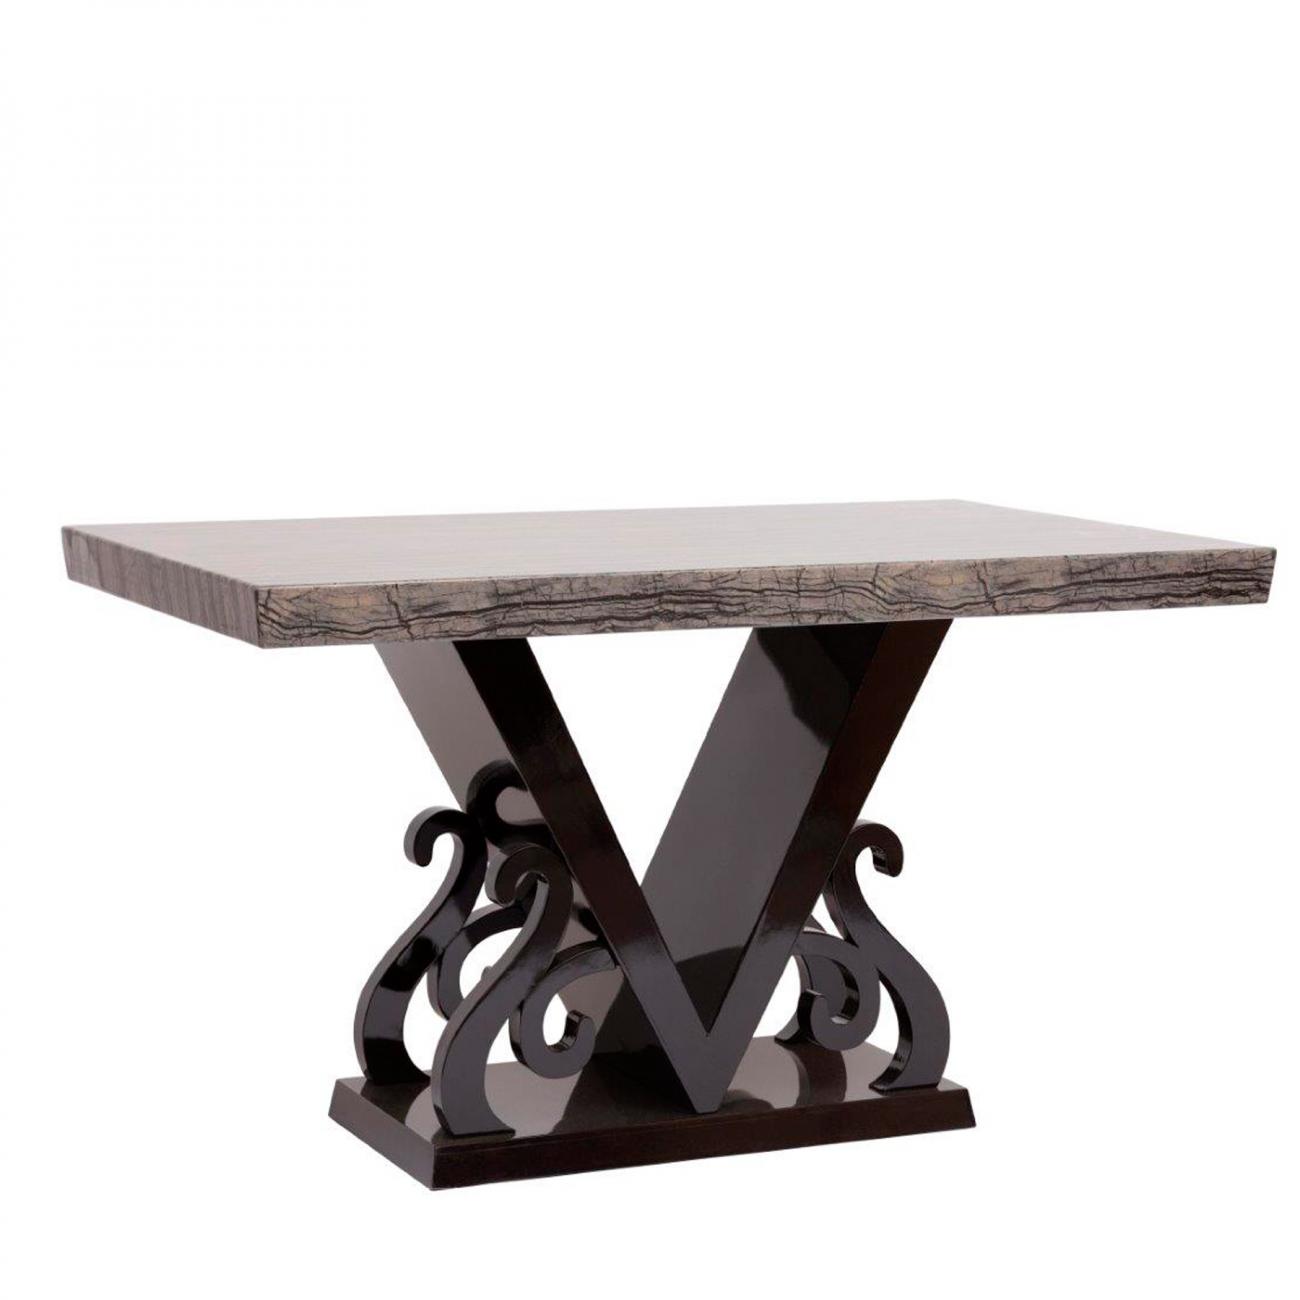 Купить Обеденный стол мраморный Binari Medio в интернет магазине дизайнерской мебели и аксессуаров для дома и дачи